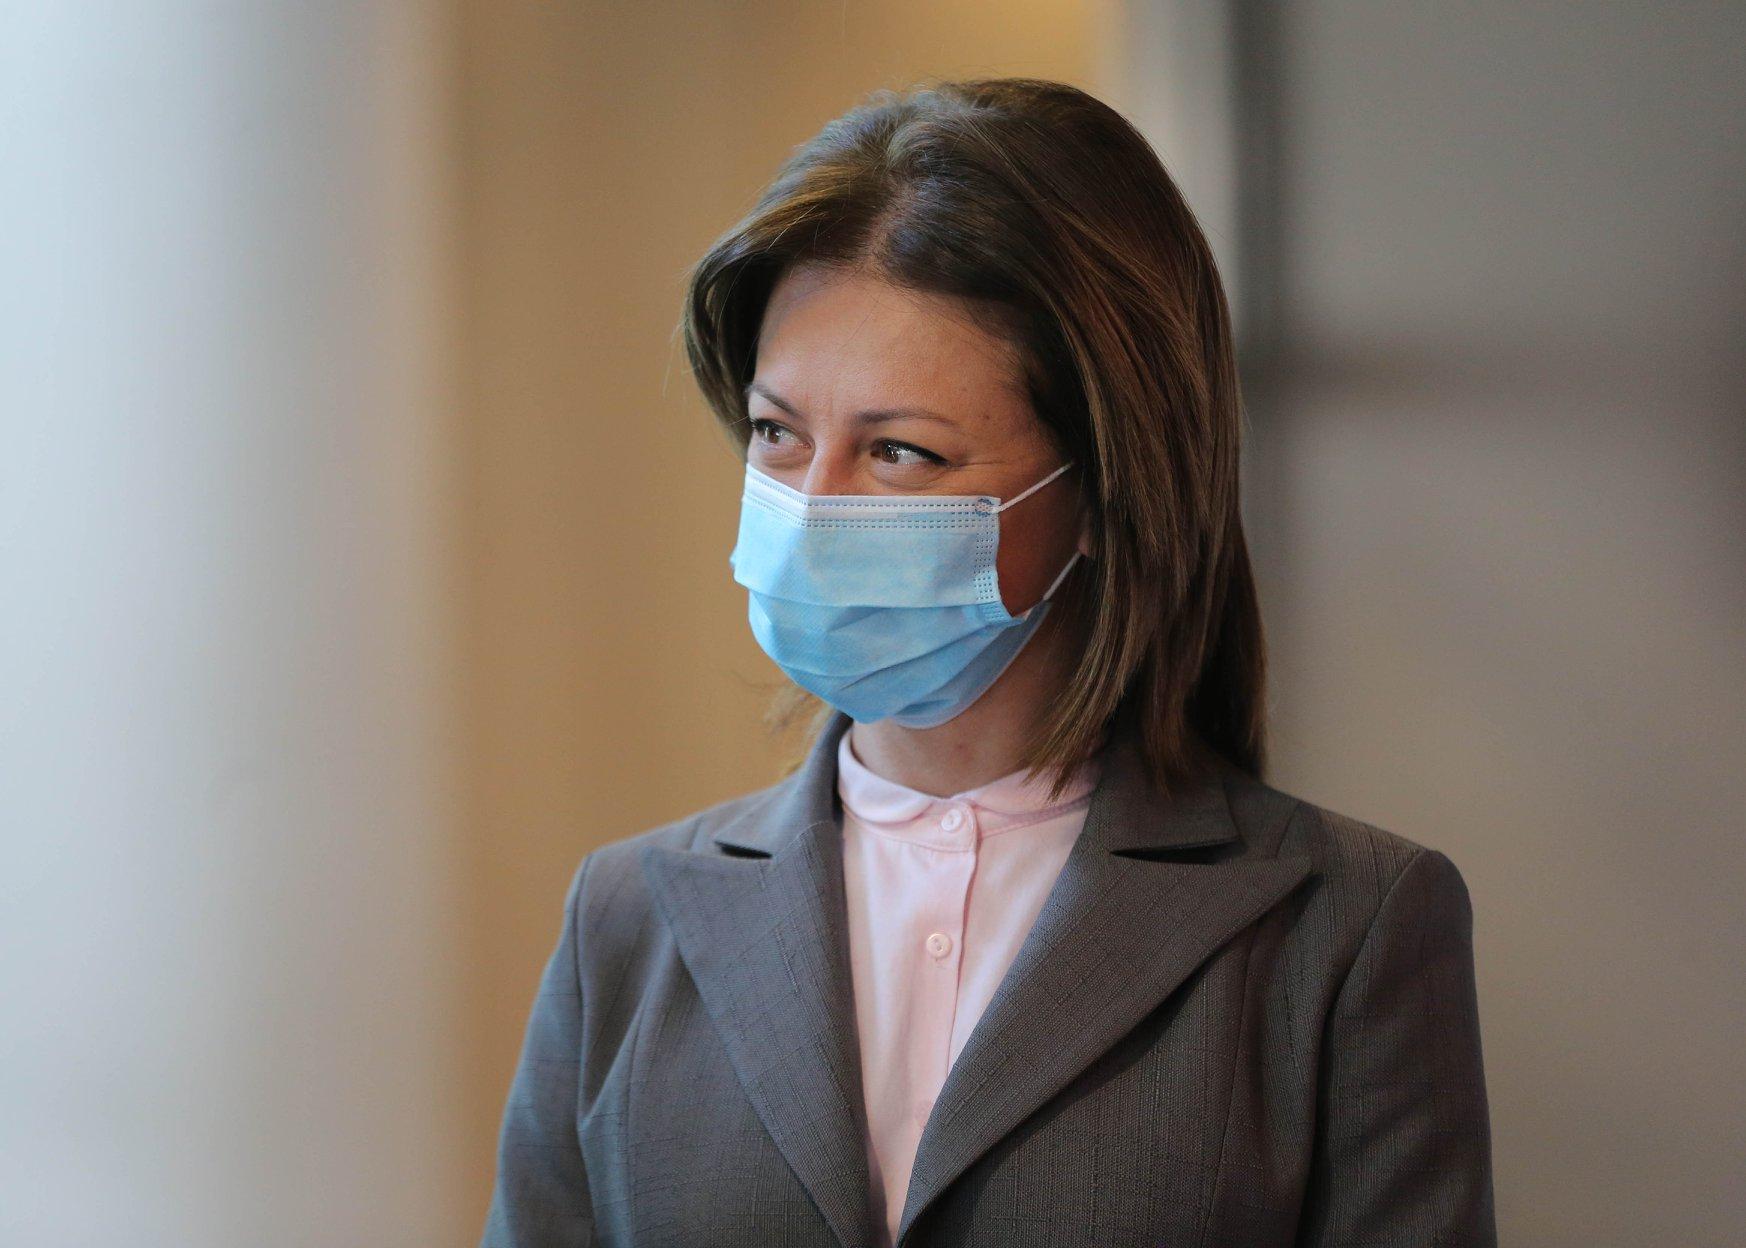 Ekaterine Tikaradze #новости Екатерина Тикарадзе, коронавирус, коронавирус в Грузии